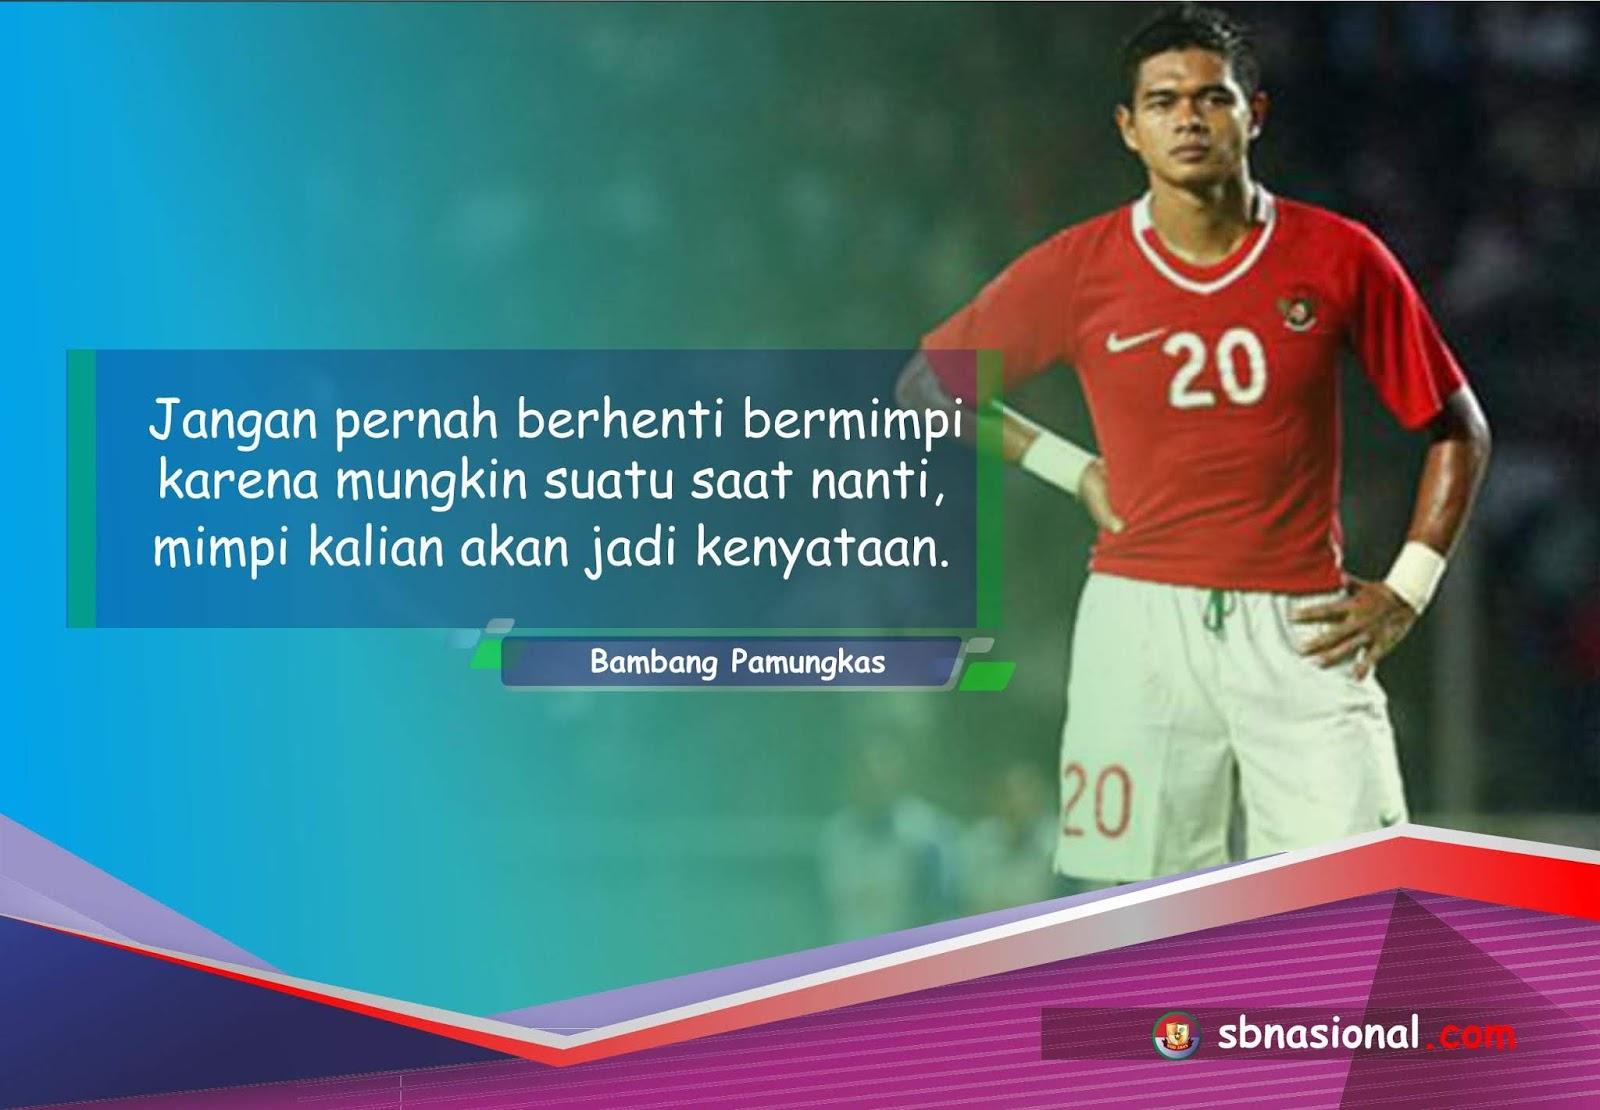 Motivasi Dari Bepe 20 - SBNasional.com